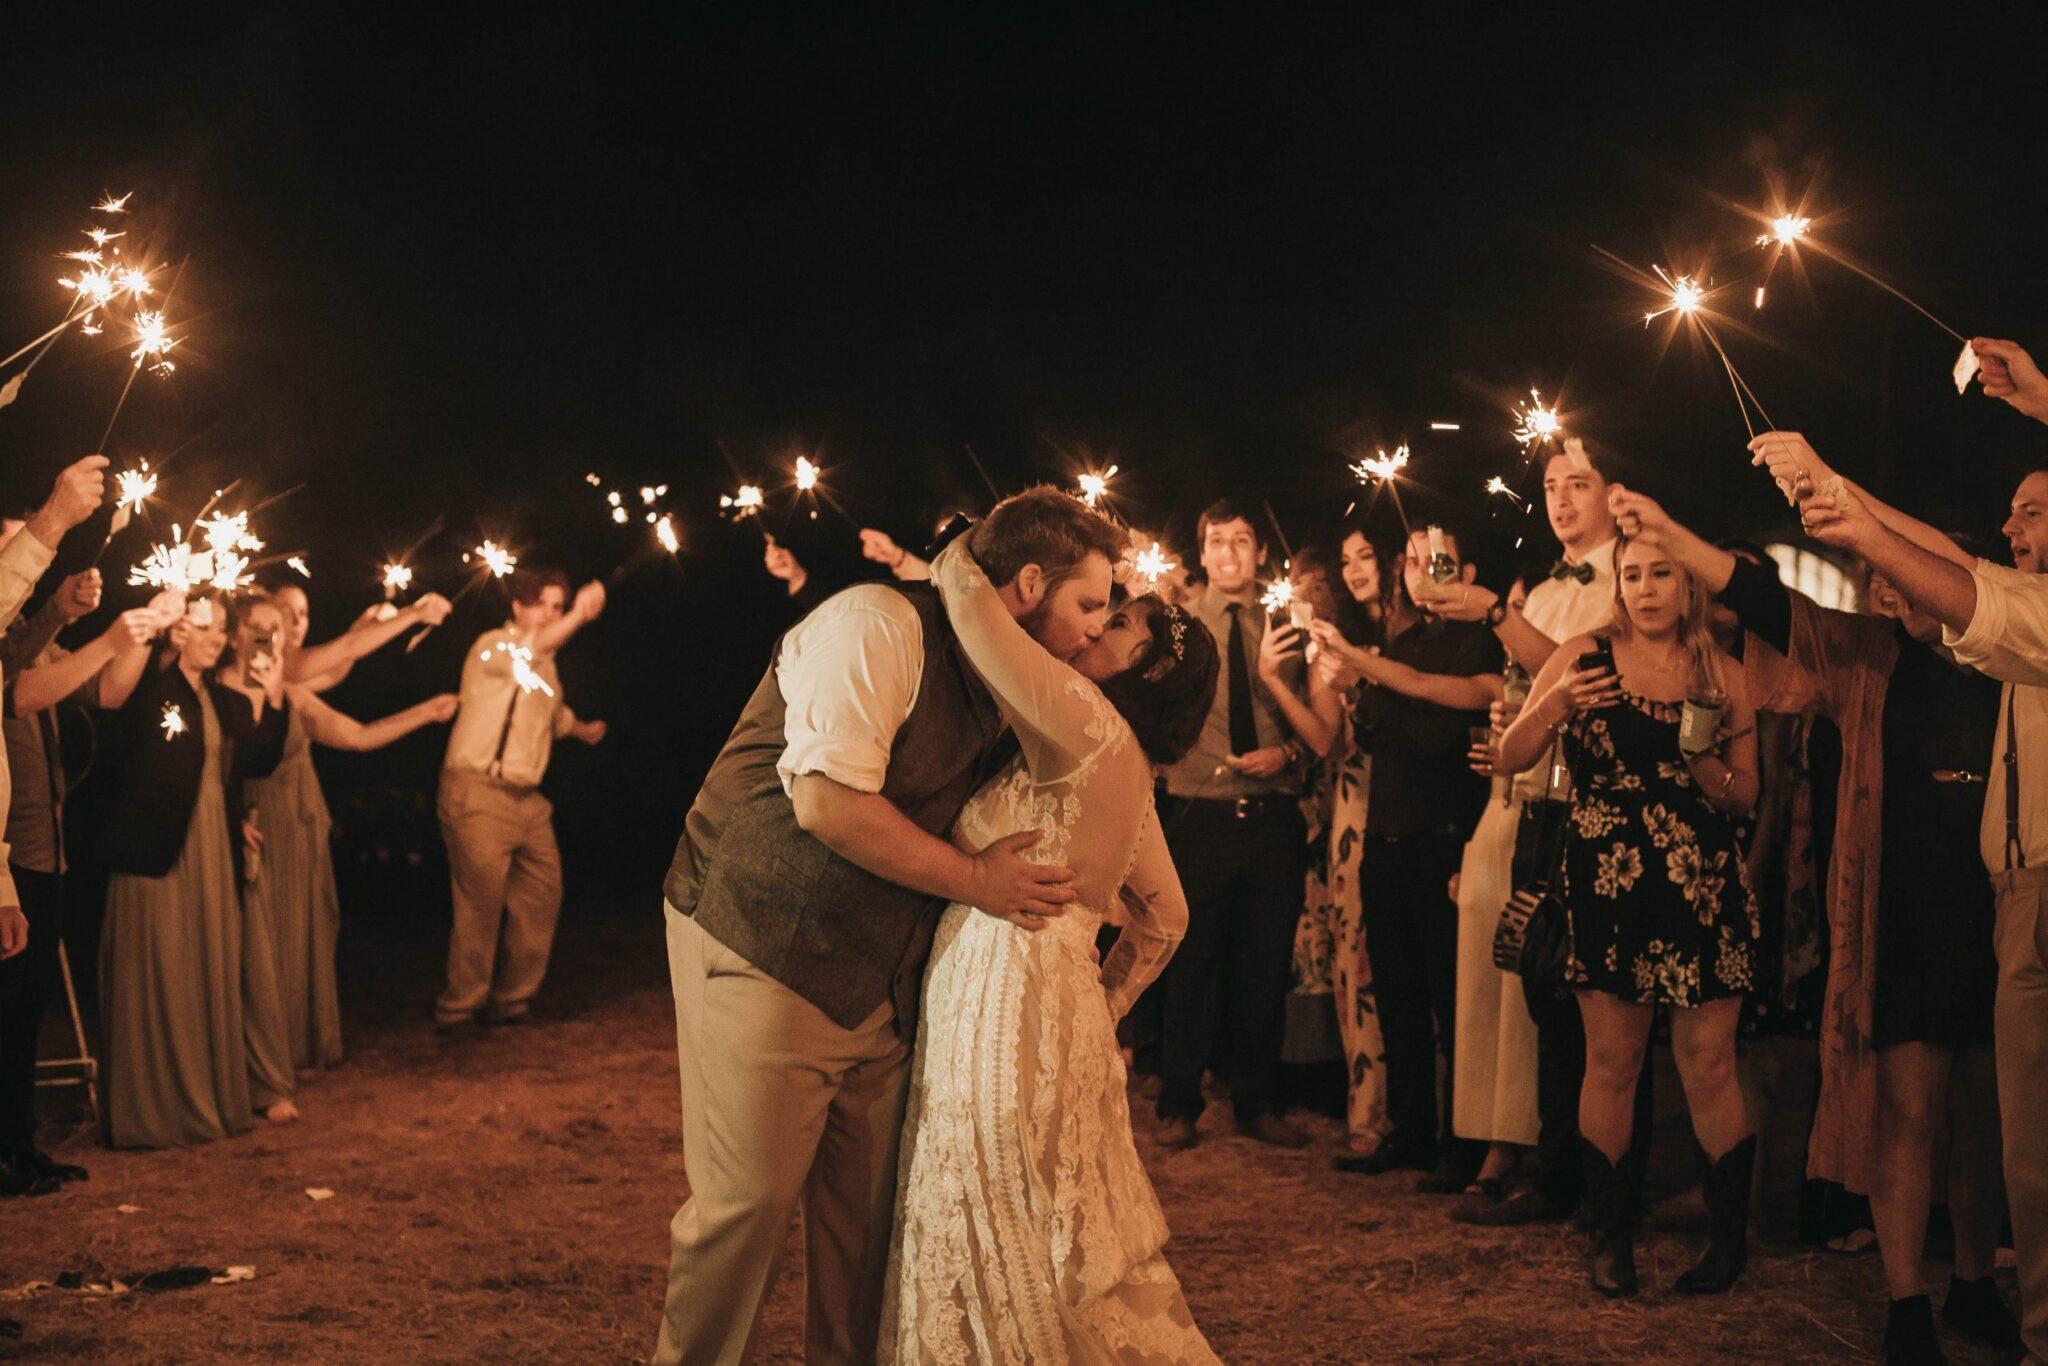 Wedding Dance ana-bene's First dance